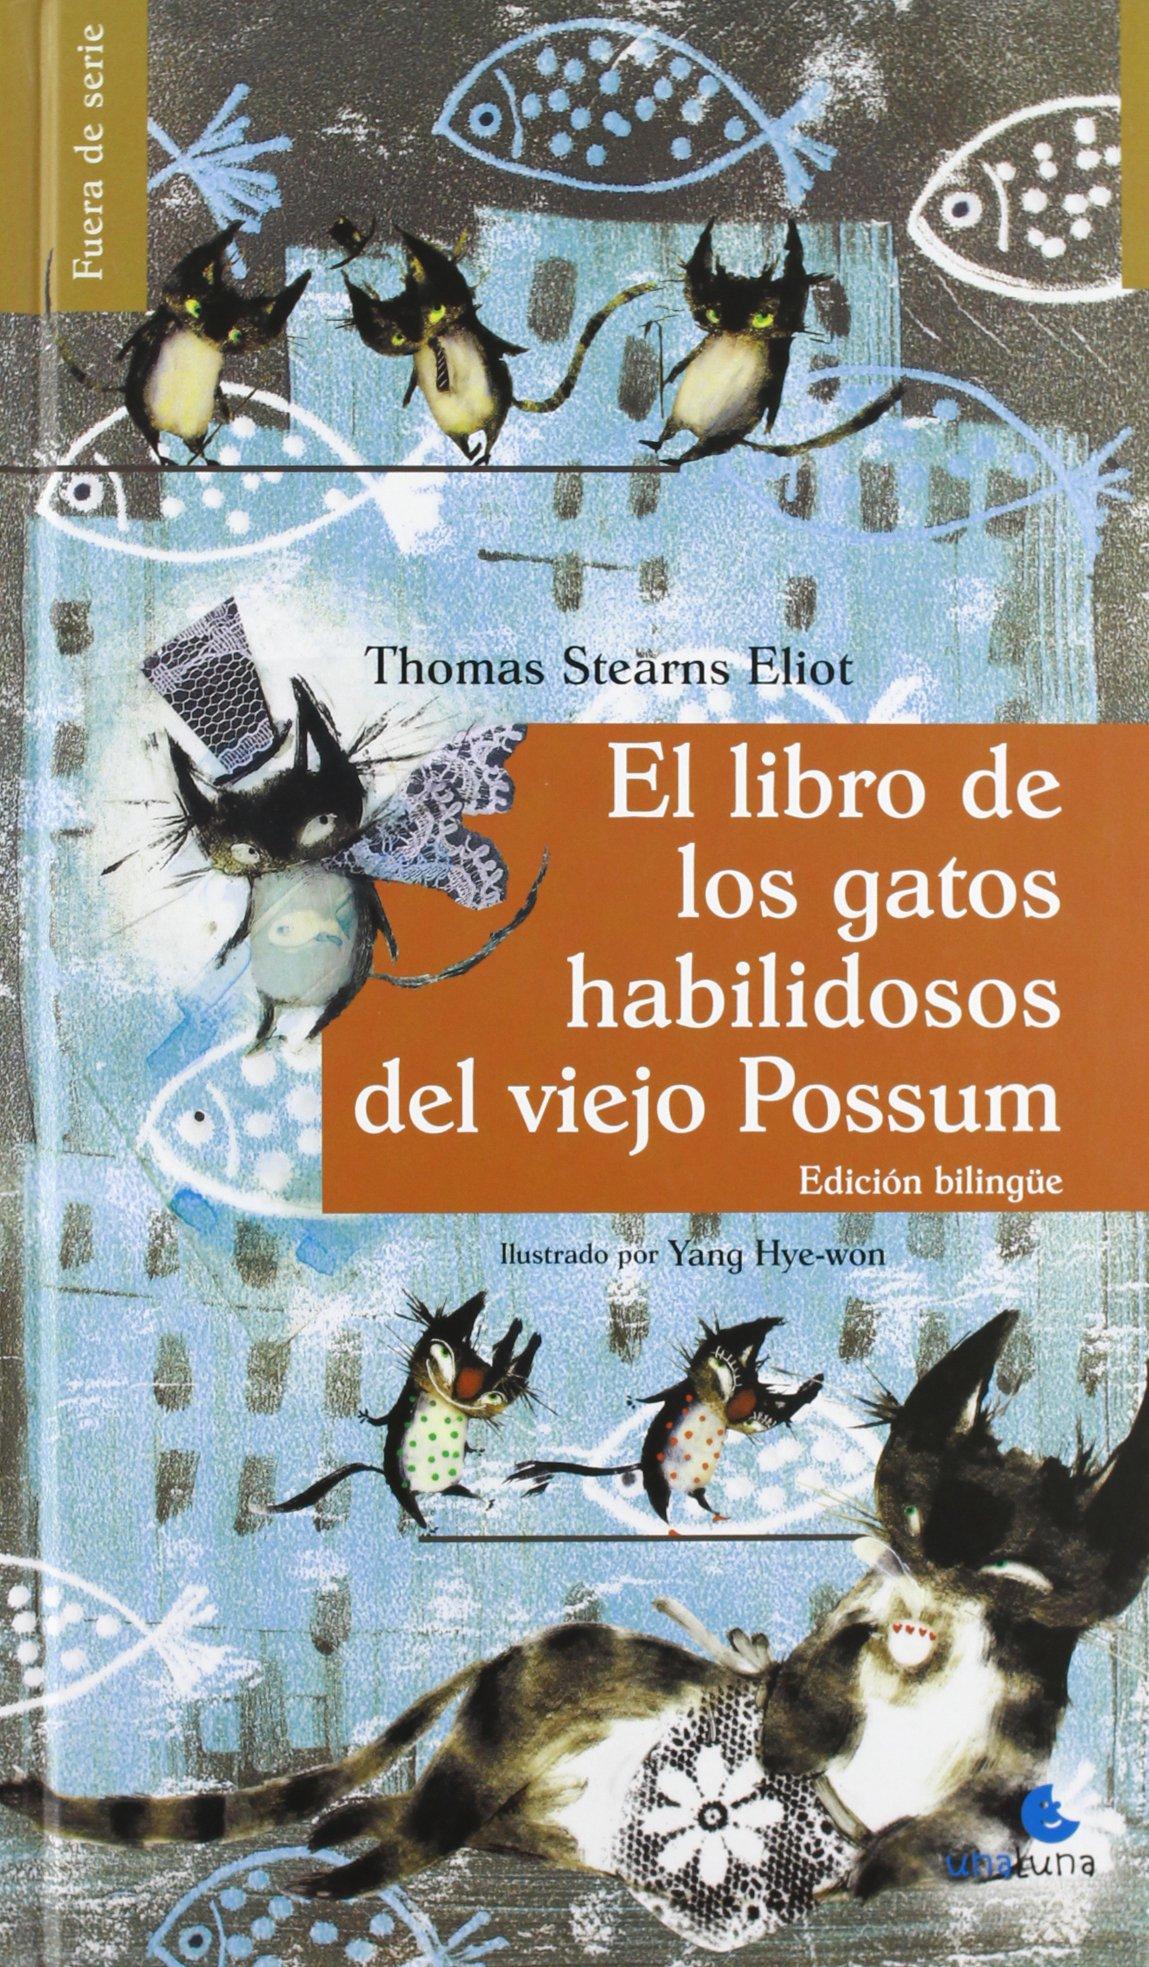 El Libro De Los Gatos Habilidosos Del Viejo Possum: Amazon.es: Thomas Stearns Eliot: Libros